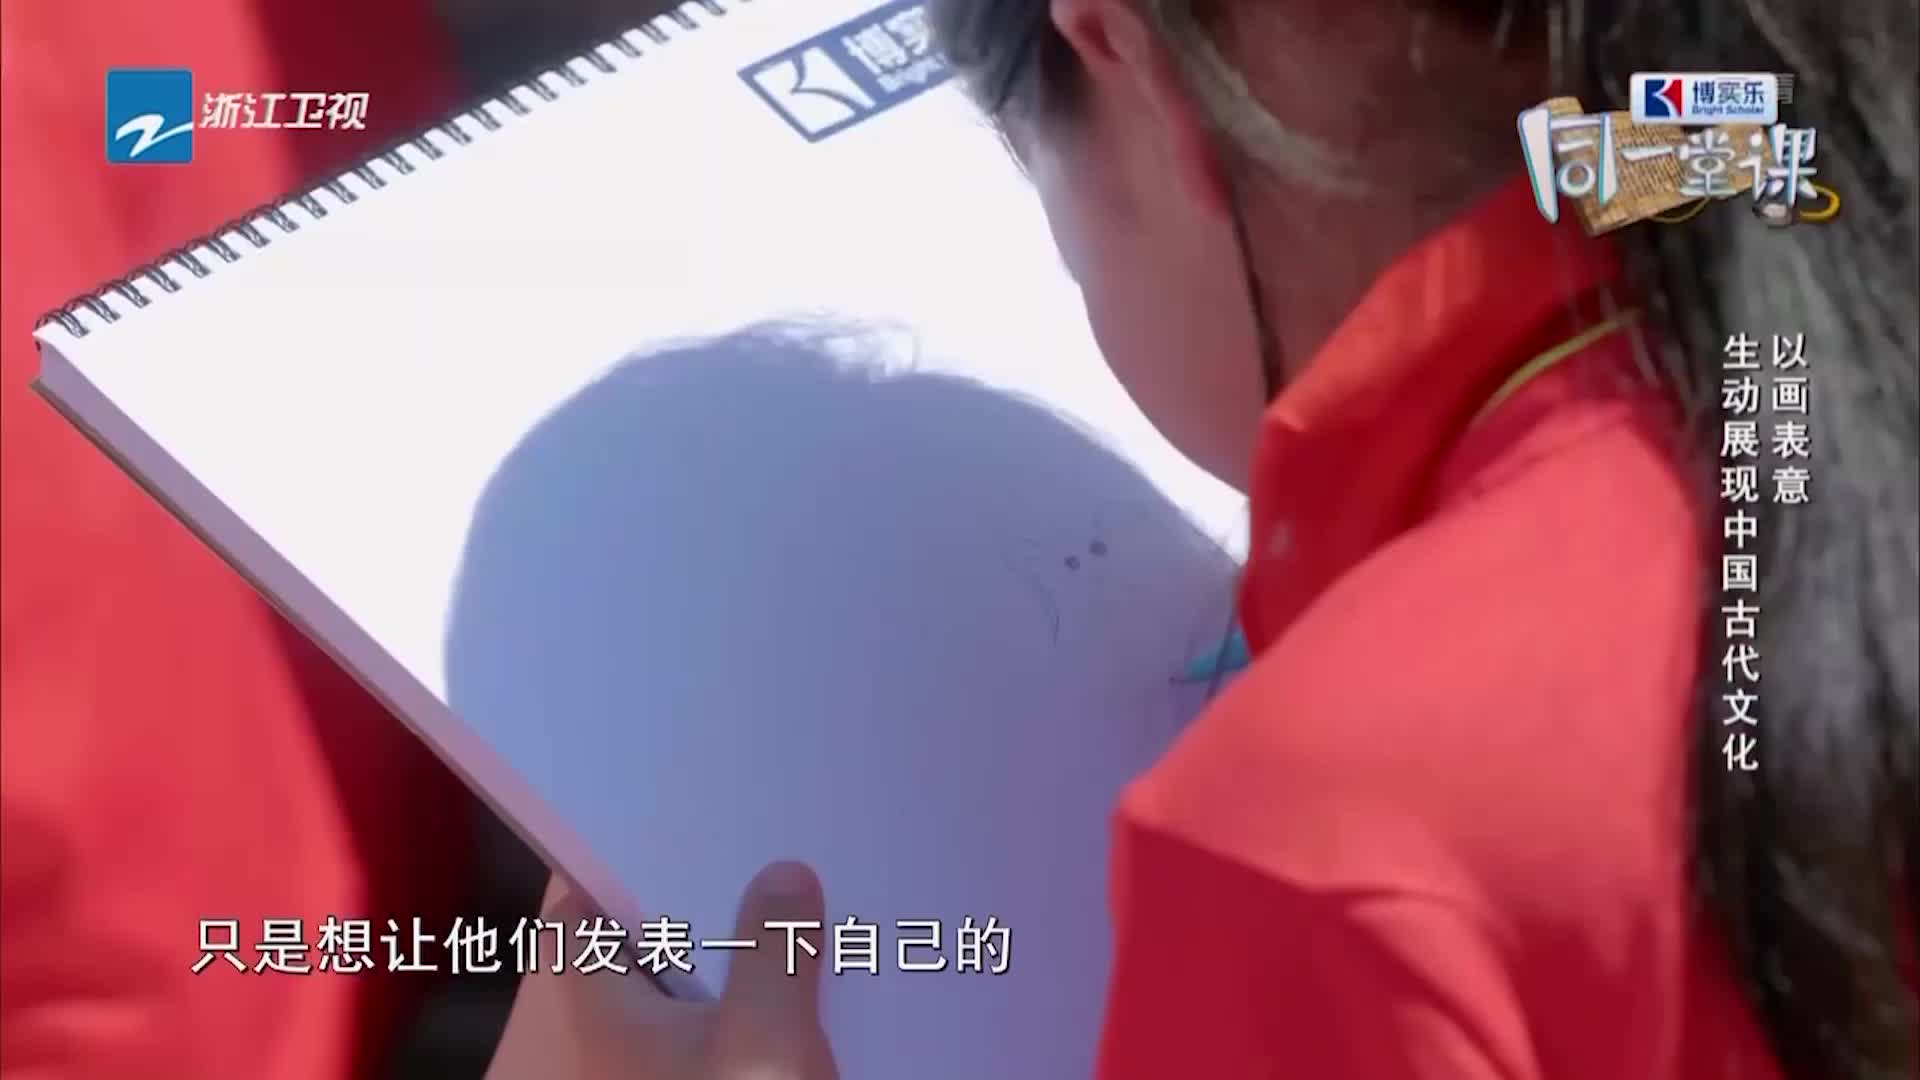 同一堂课:刘谦带孩子们走出课堂,这种方式教课,真的太棒了!